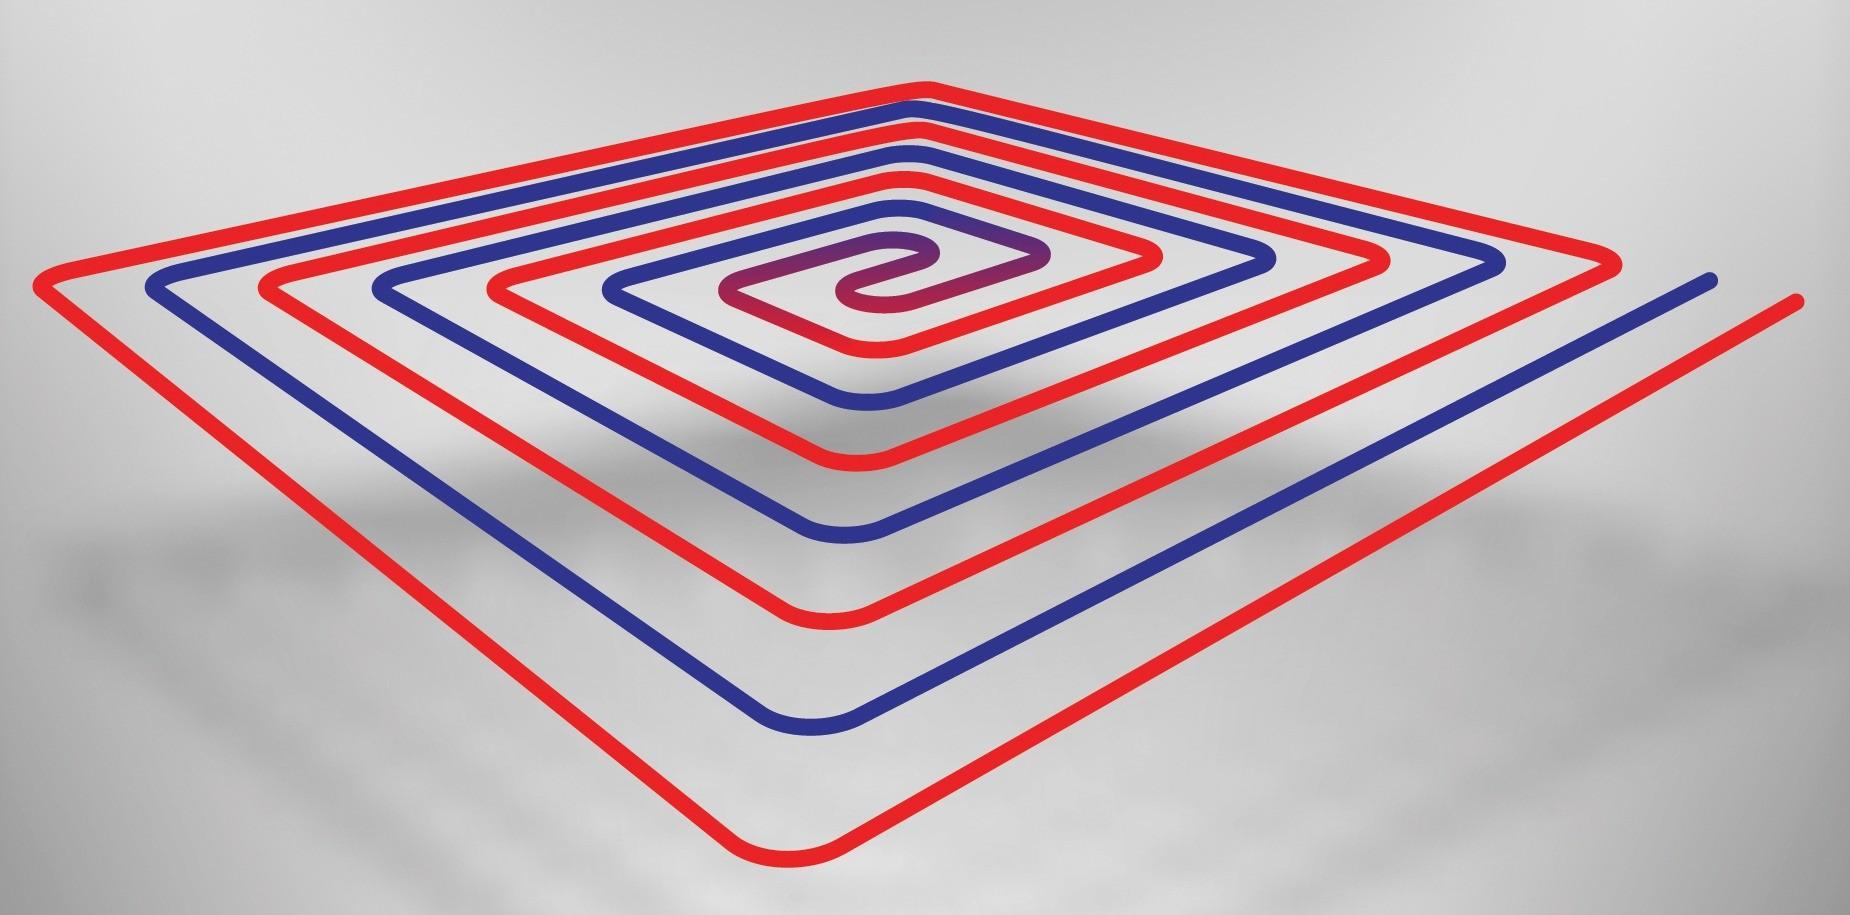 Укладка трубопровода отопительного контура спиралью обеспечивает чередование холодных и горячих участков трубы. Благодаря этому прогрев всех участков пола получается более равномерным ик...